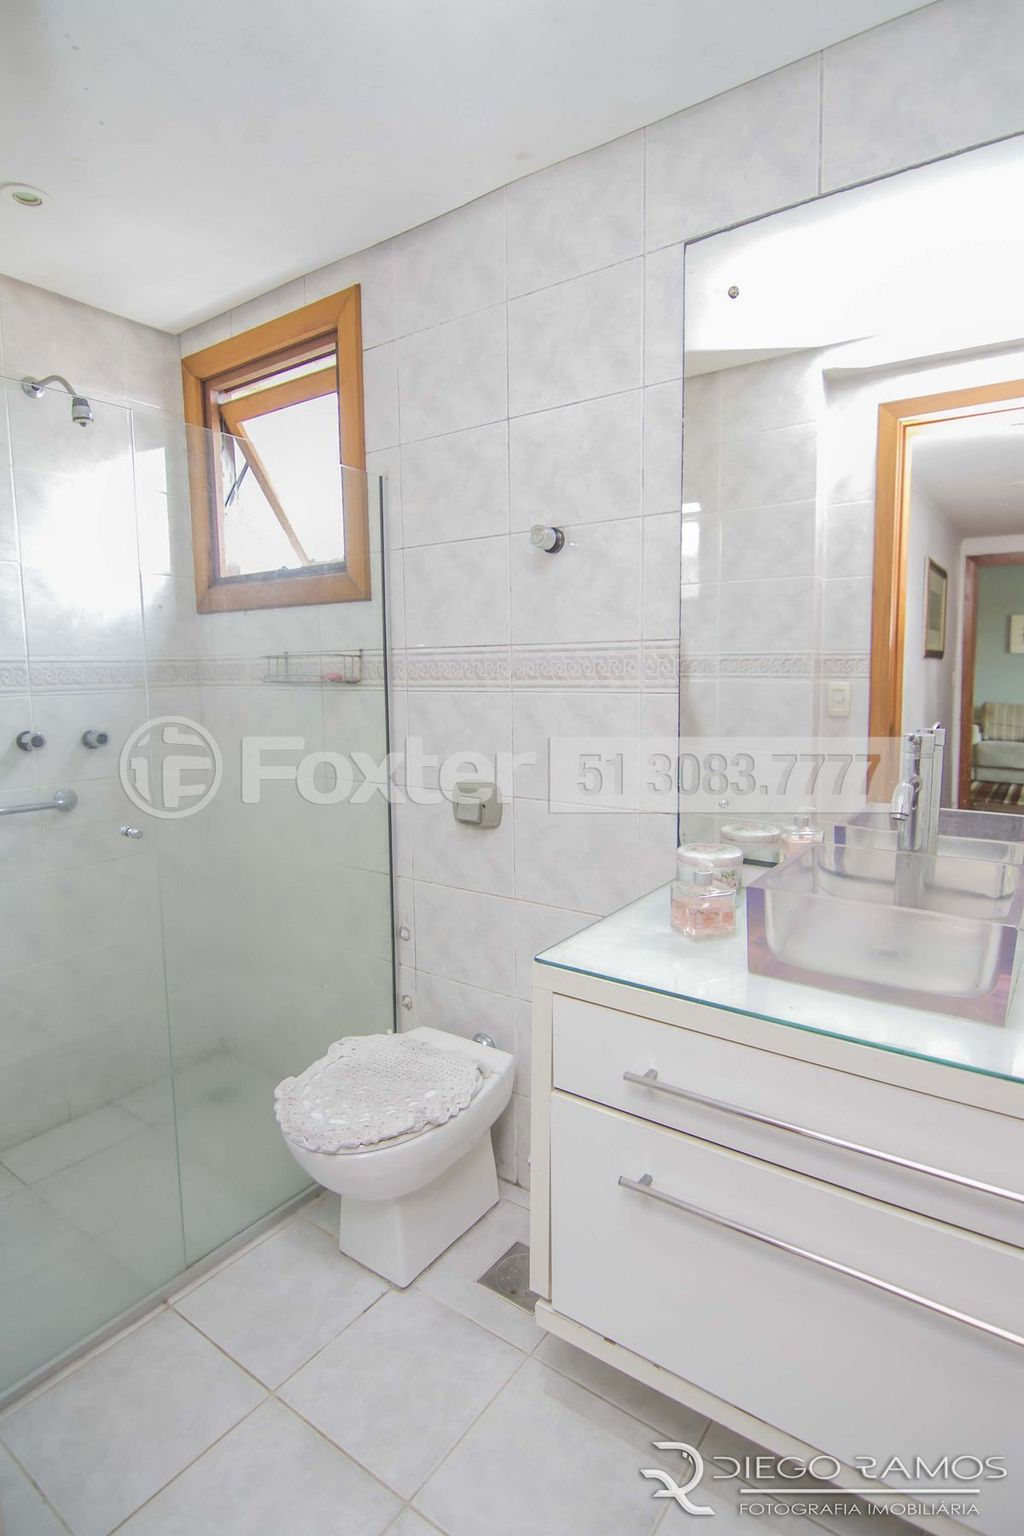 Foxter Imobiliária - Apto 3 Dorm, Tristeza - Foto 10